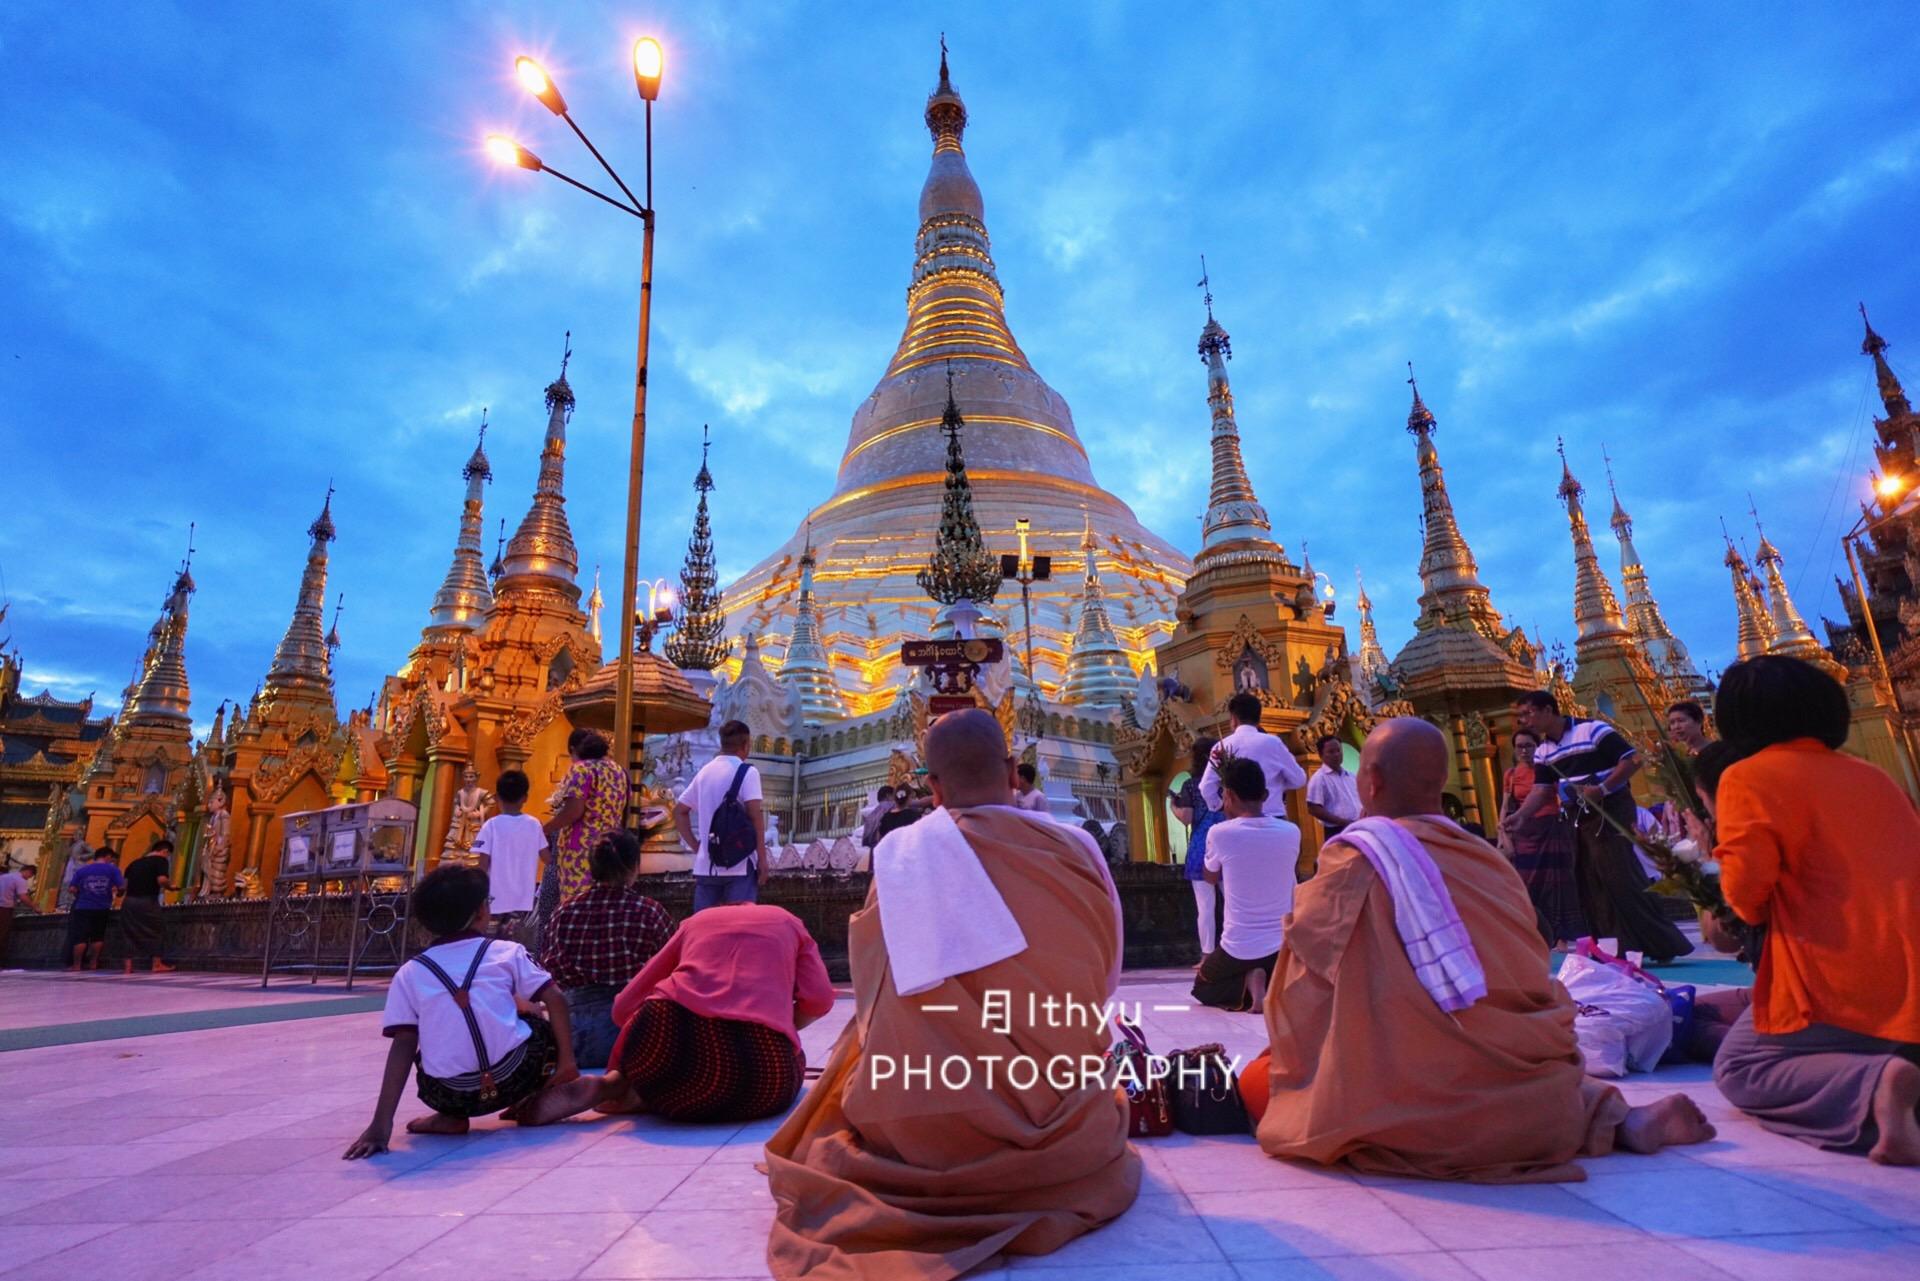 黄金做塔身、钻石做塔顶,历经了2500多年的佛塔,惊艳世人